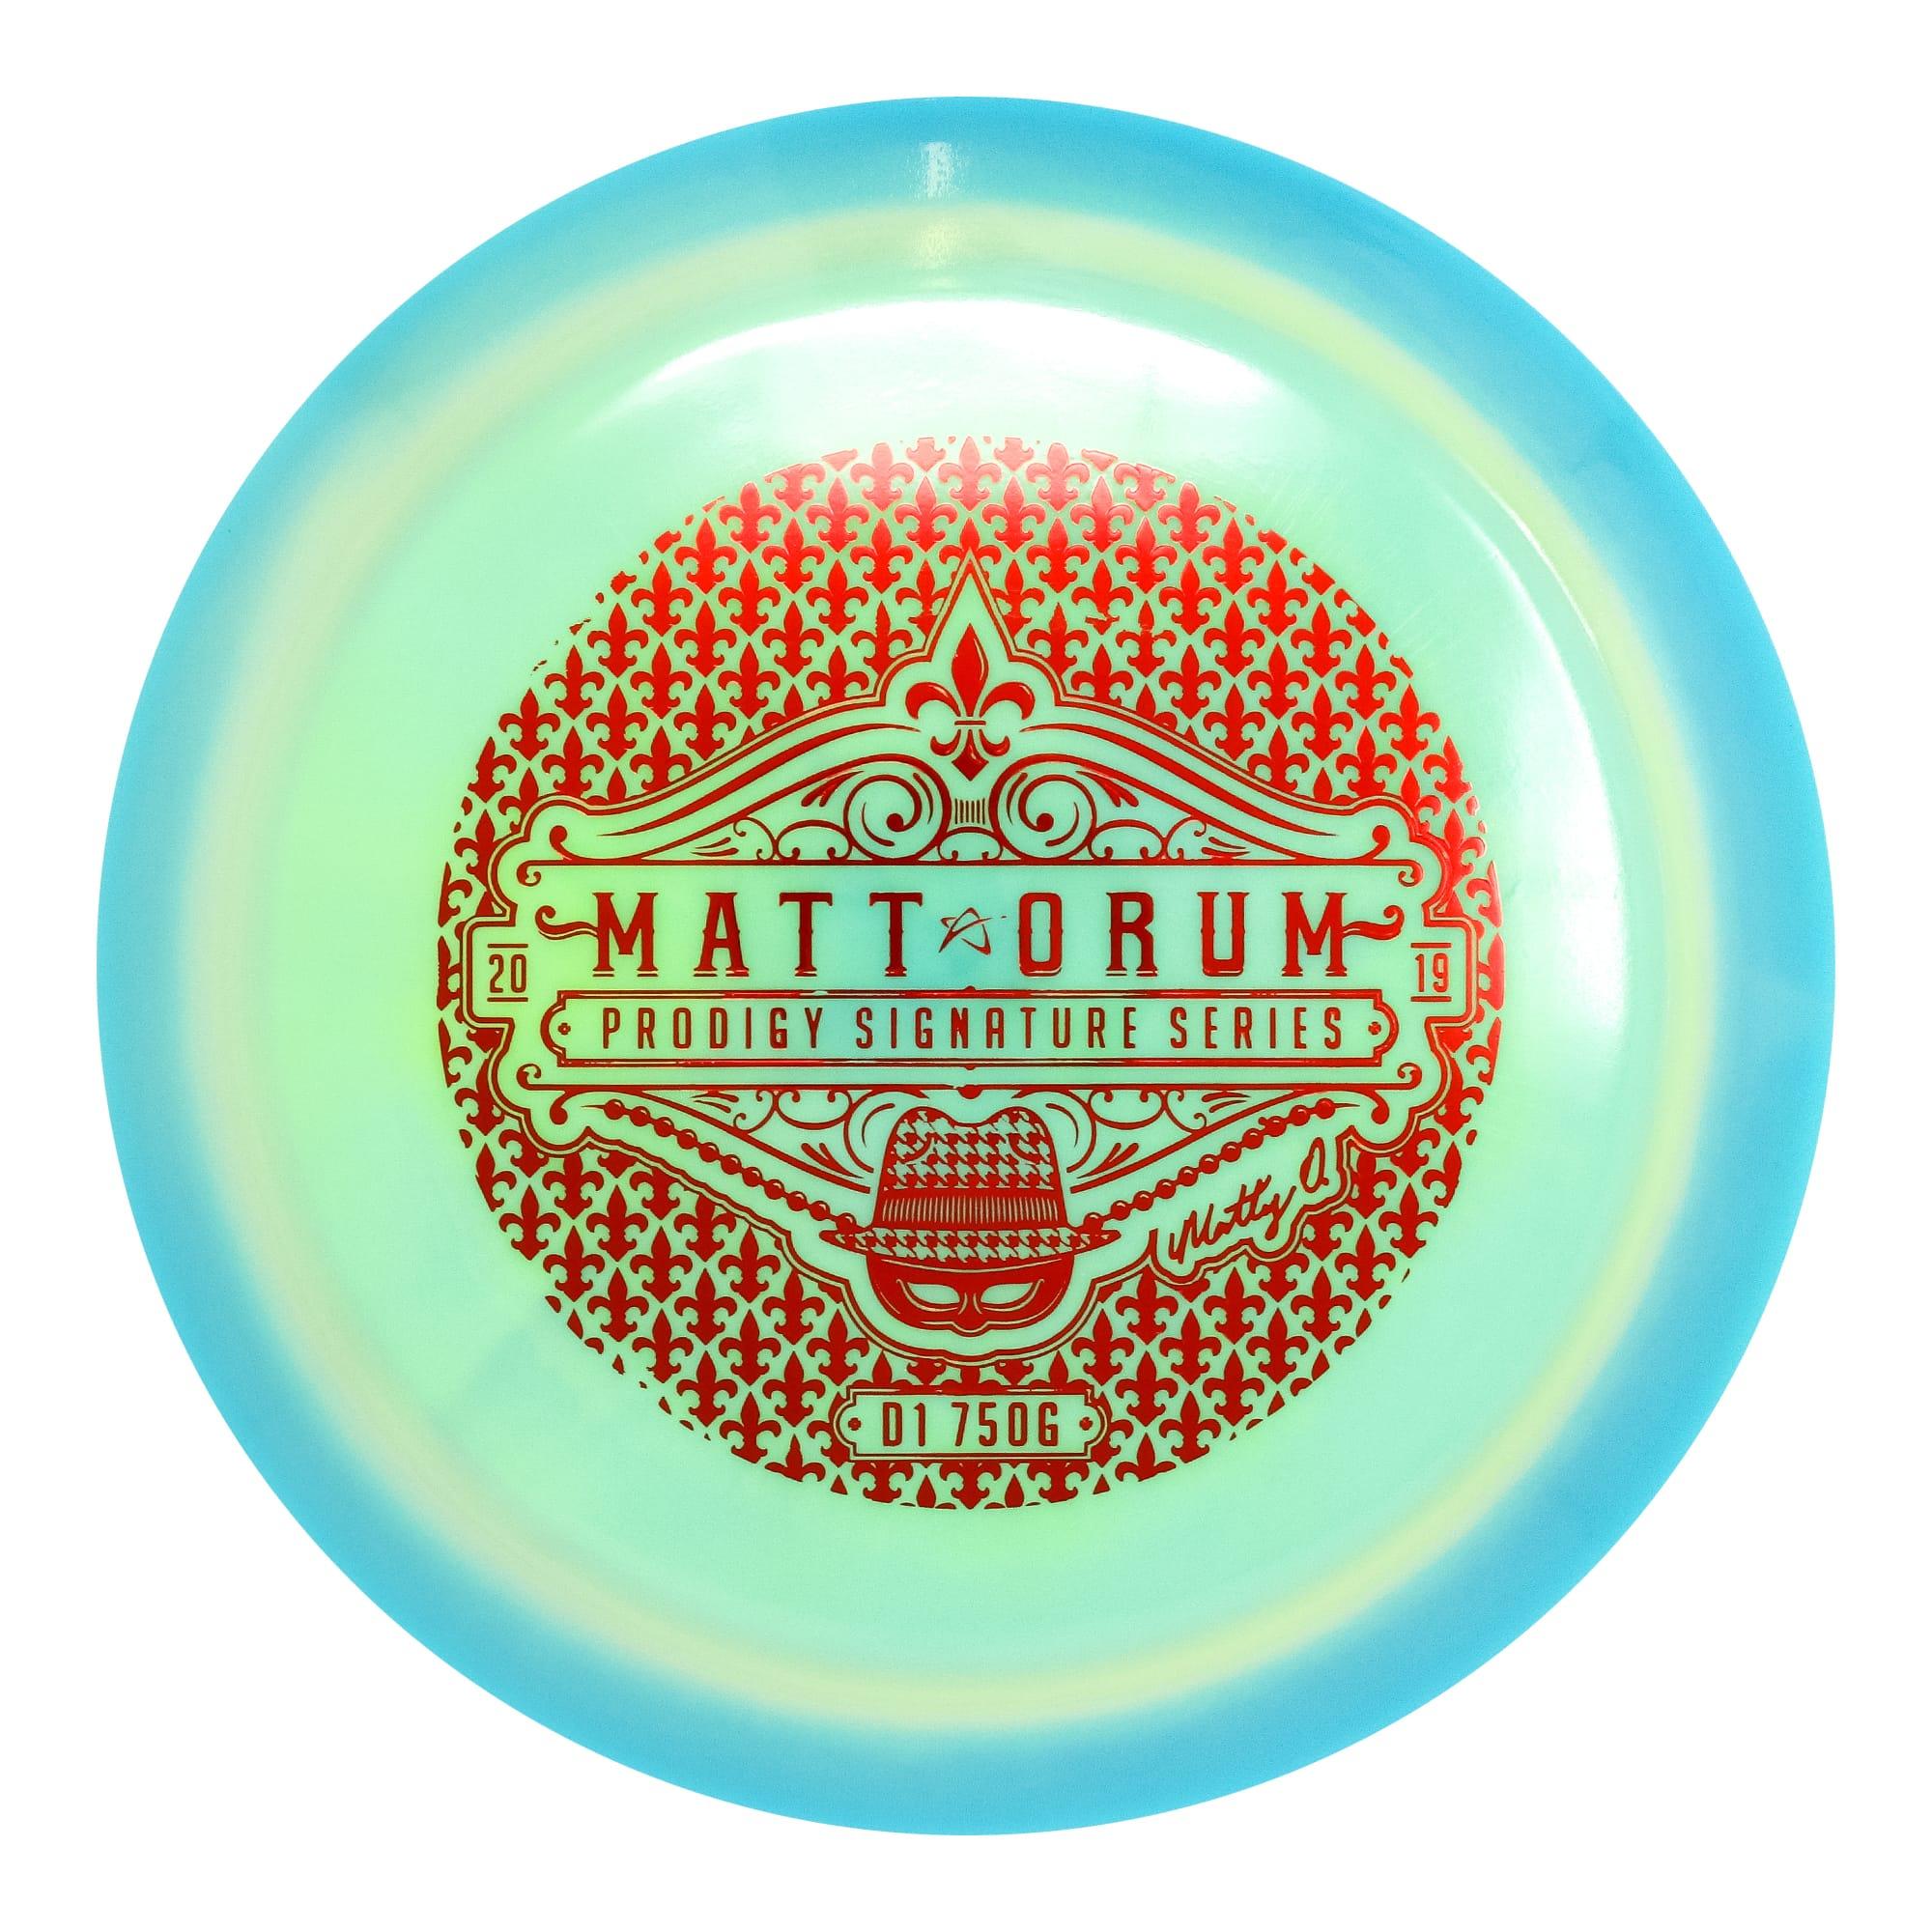 Matt_Orum_Special_Edition_Signature_Series_D1_750G_Thumbnailsprodigy-D1-750g-matt-orum-se-sig-green-blue_OPT.jpg